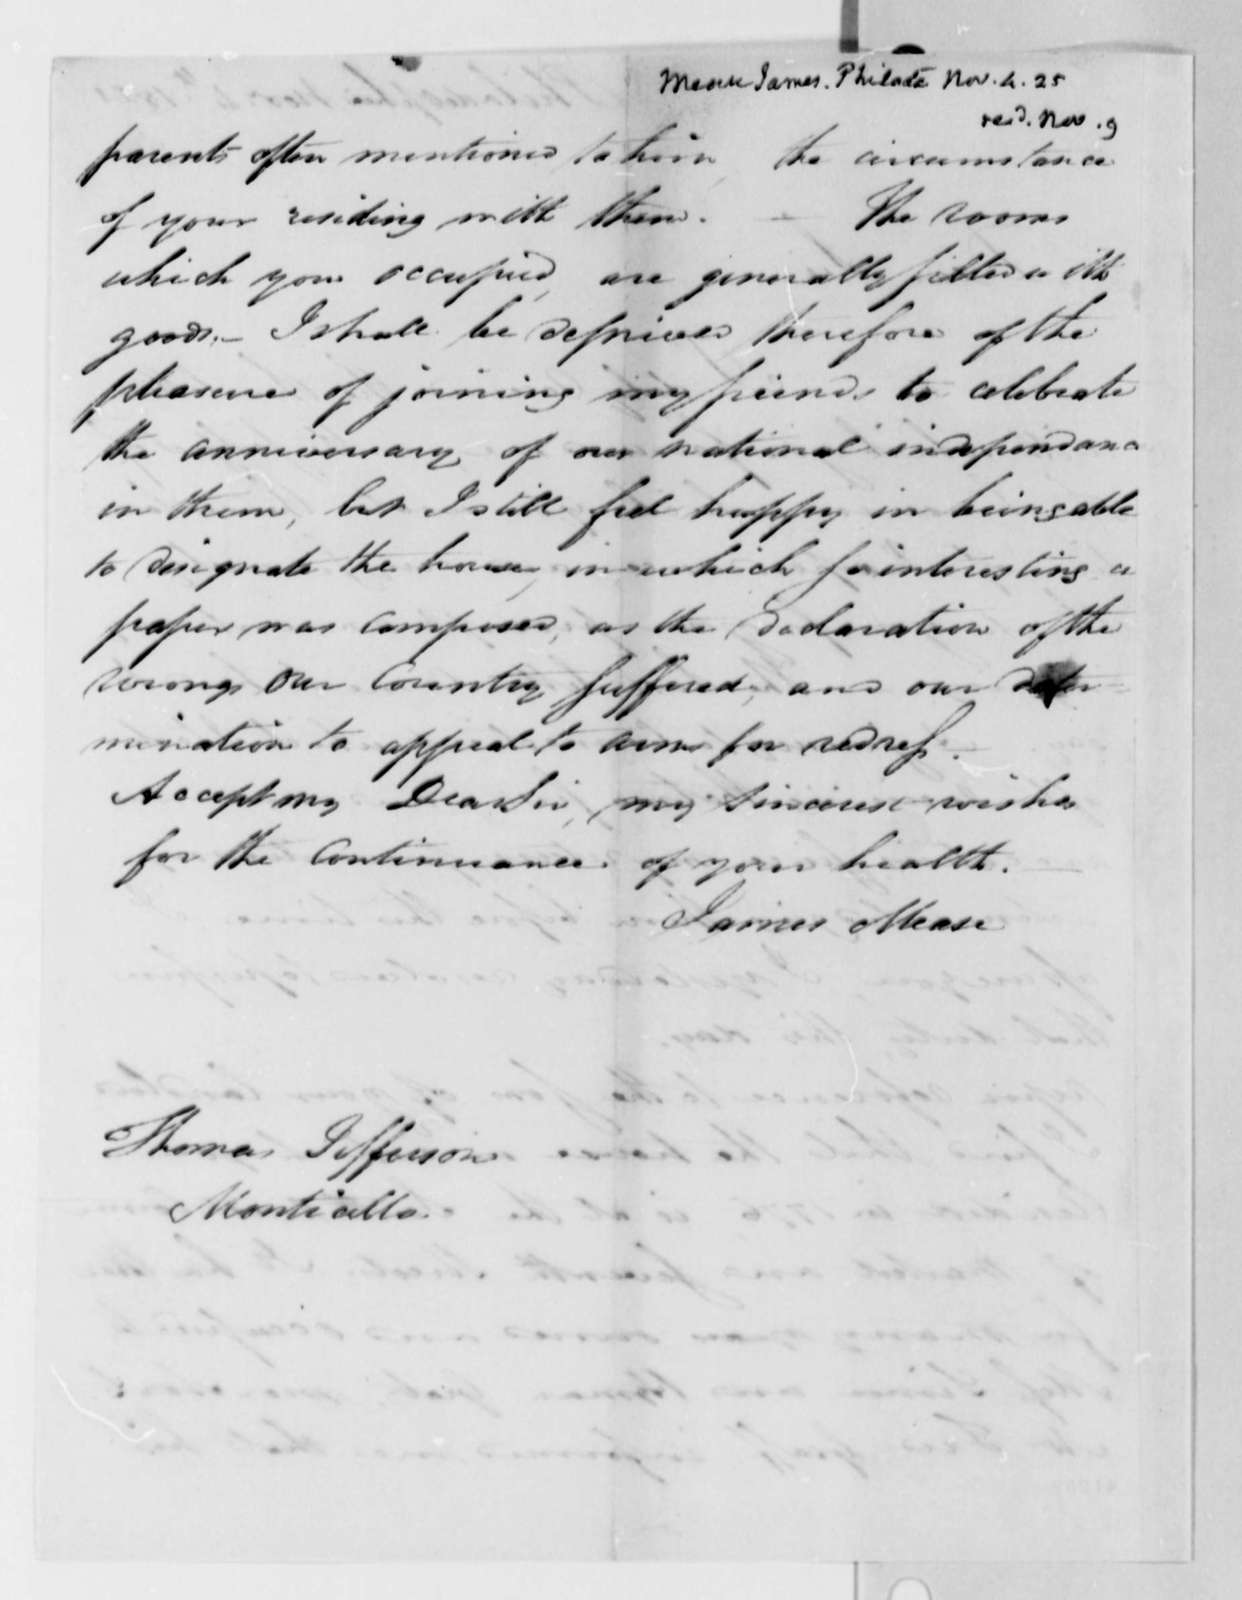 James Mease to Thomas Jefferson, November 4, 1825